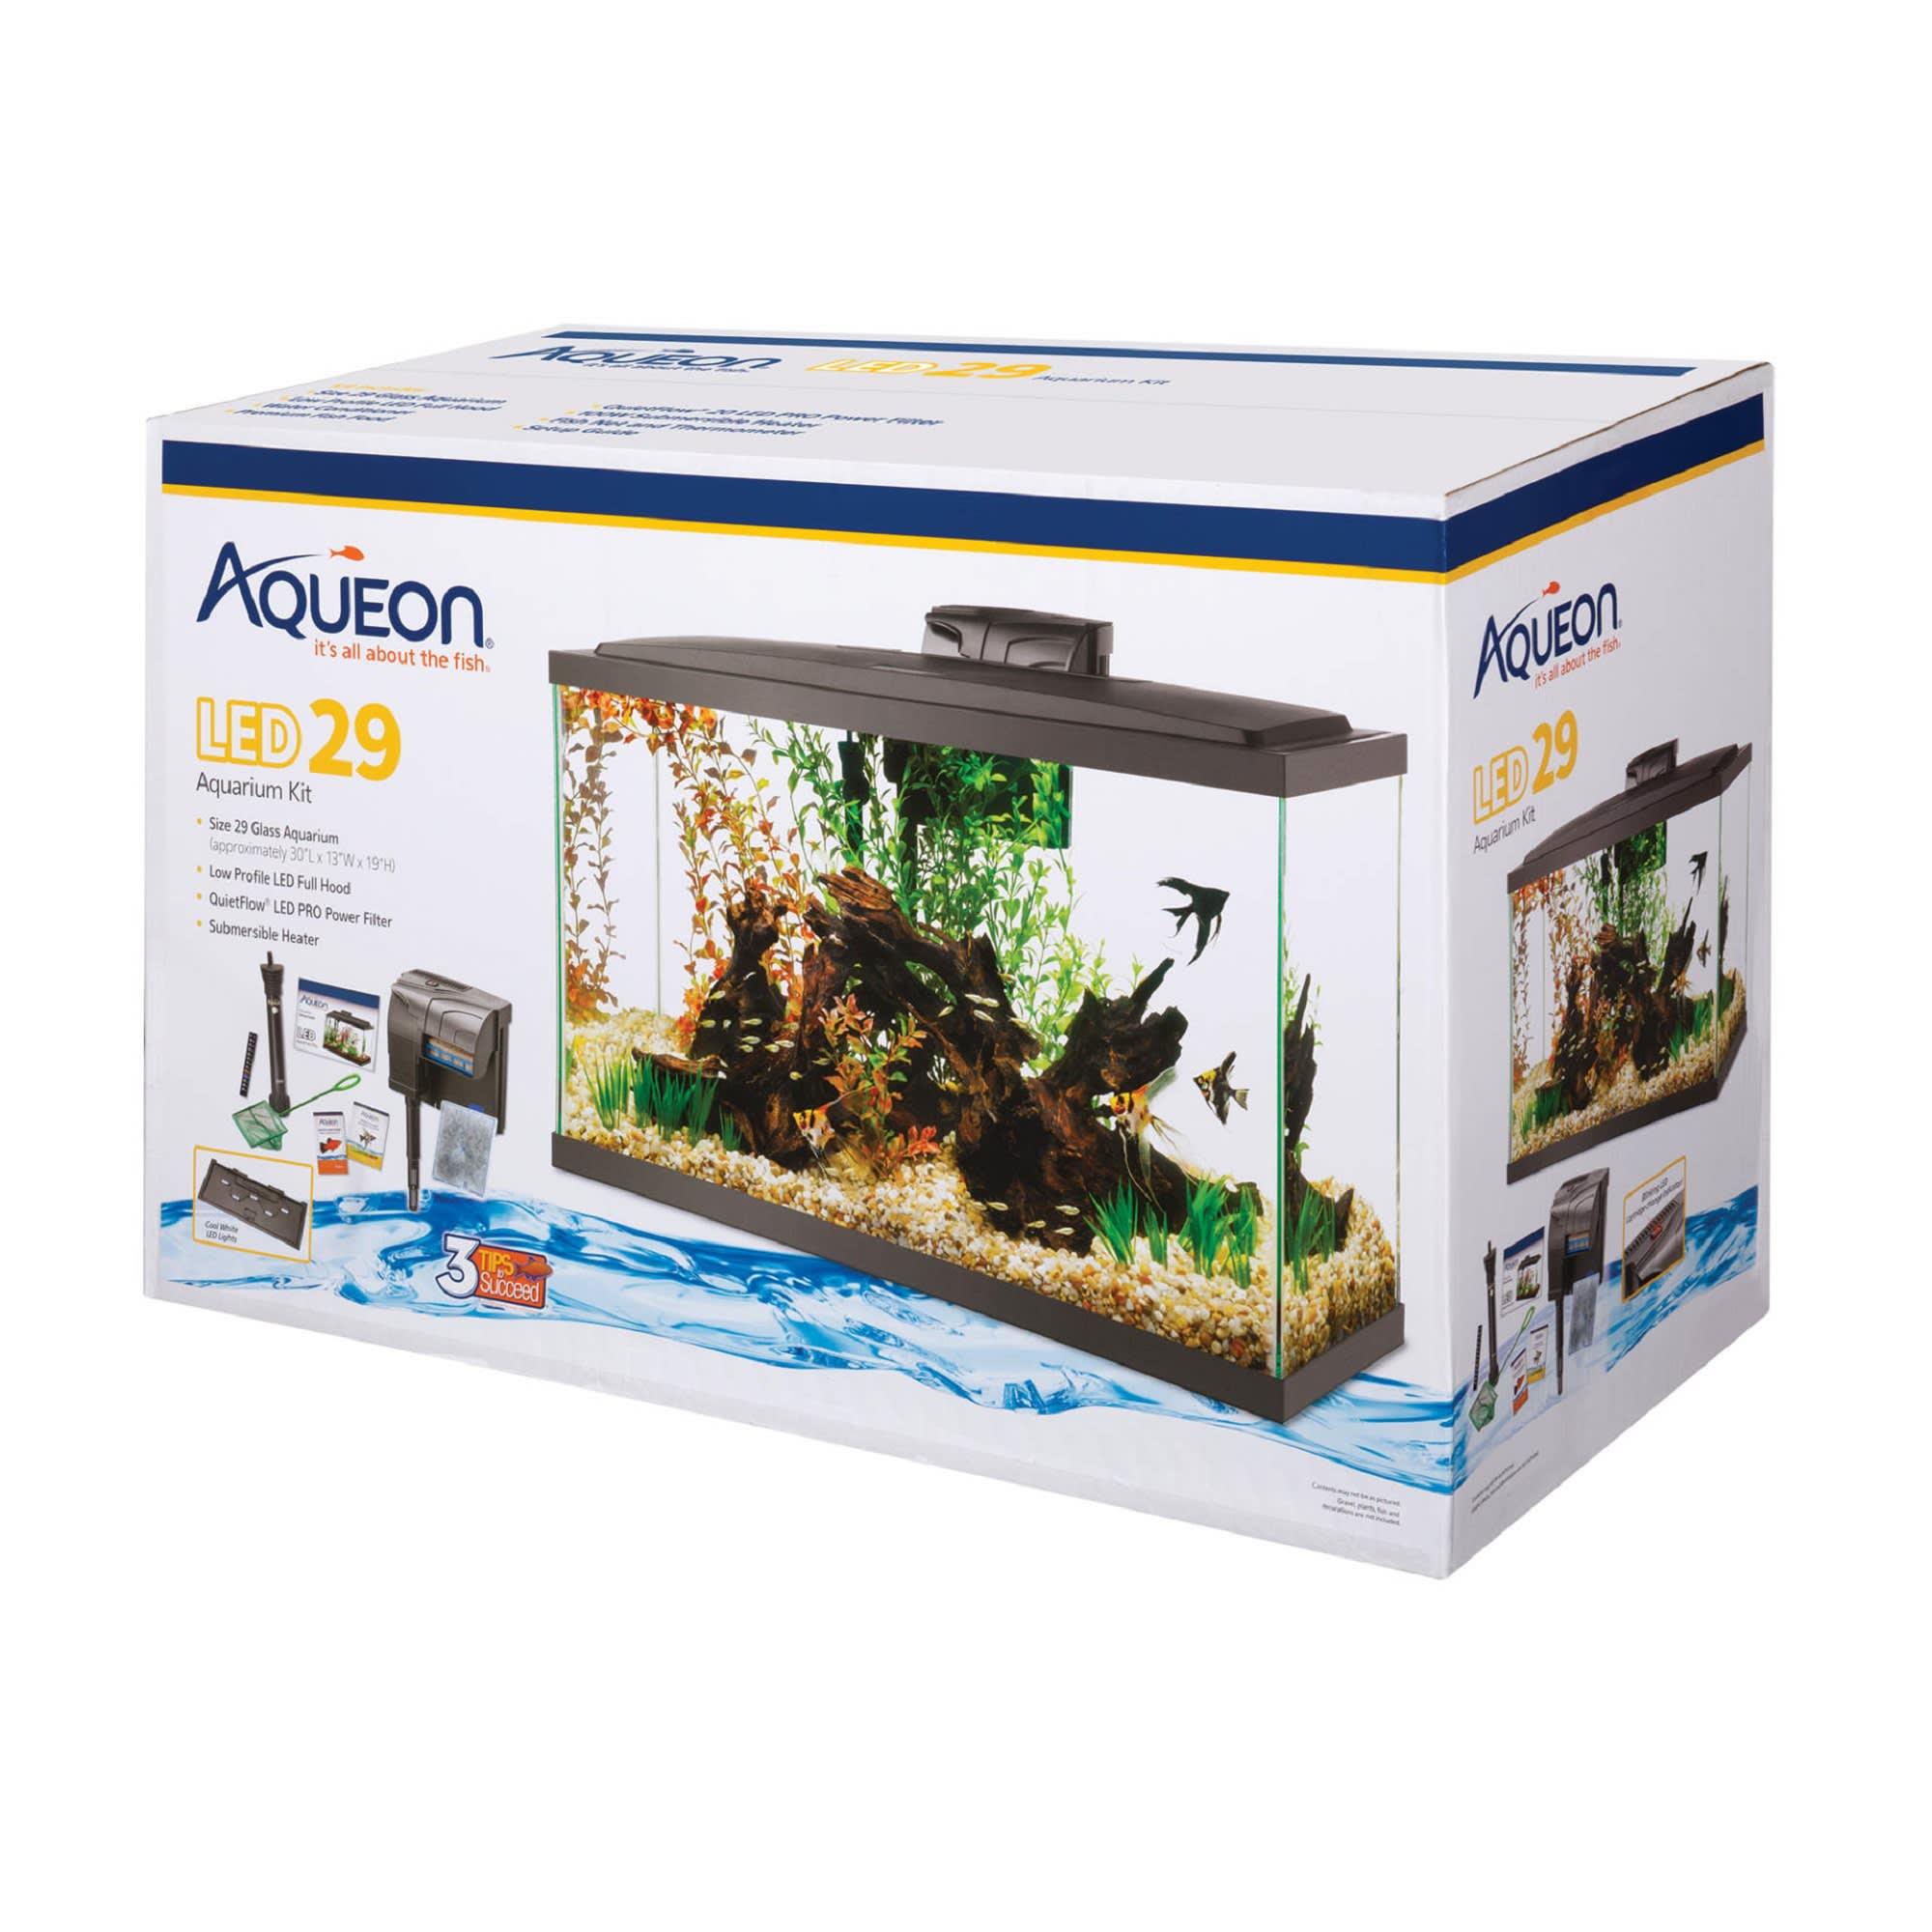 Aqueon Led 29 Gallon Aquarium Kit 32 25 L X 14 25 W X 20 63 H Petco